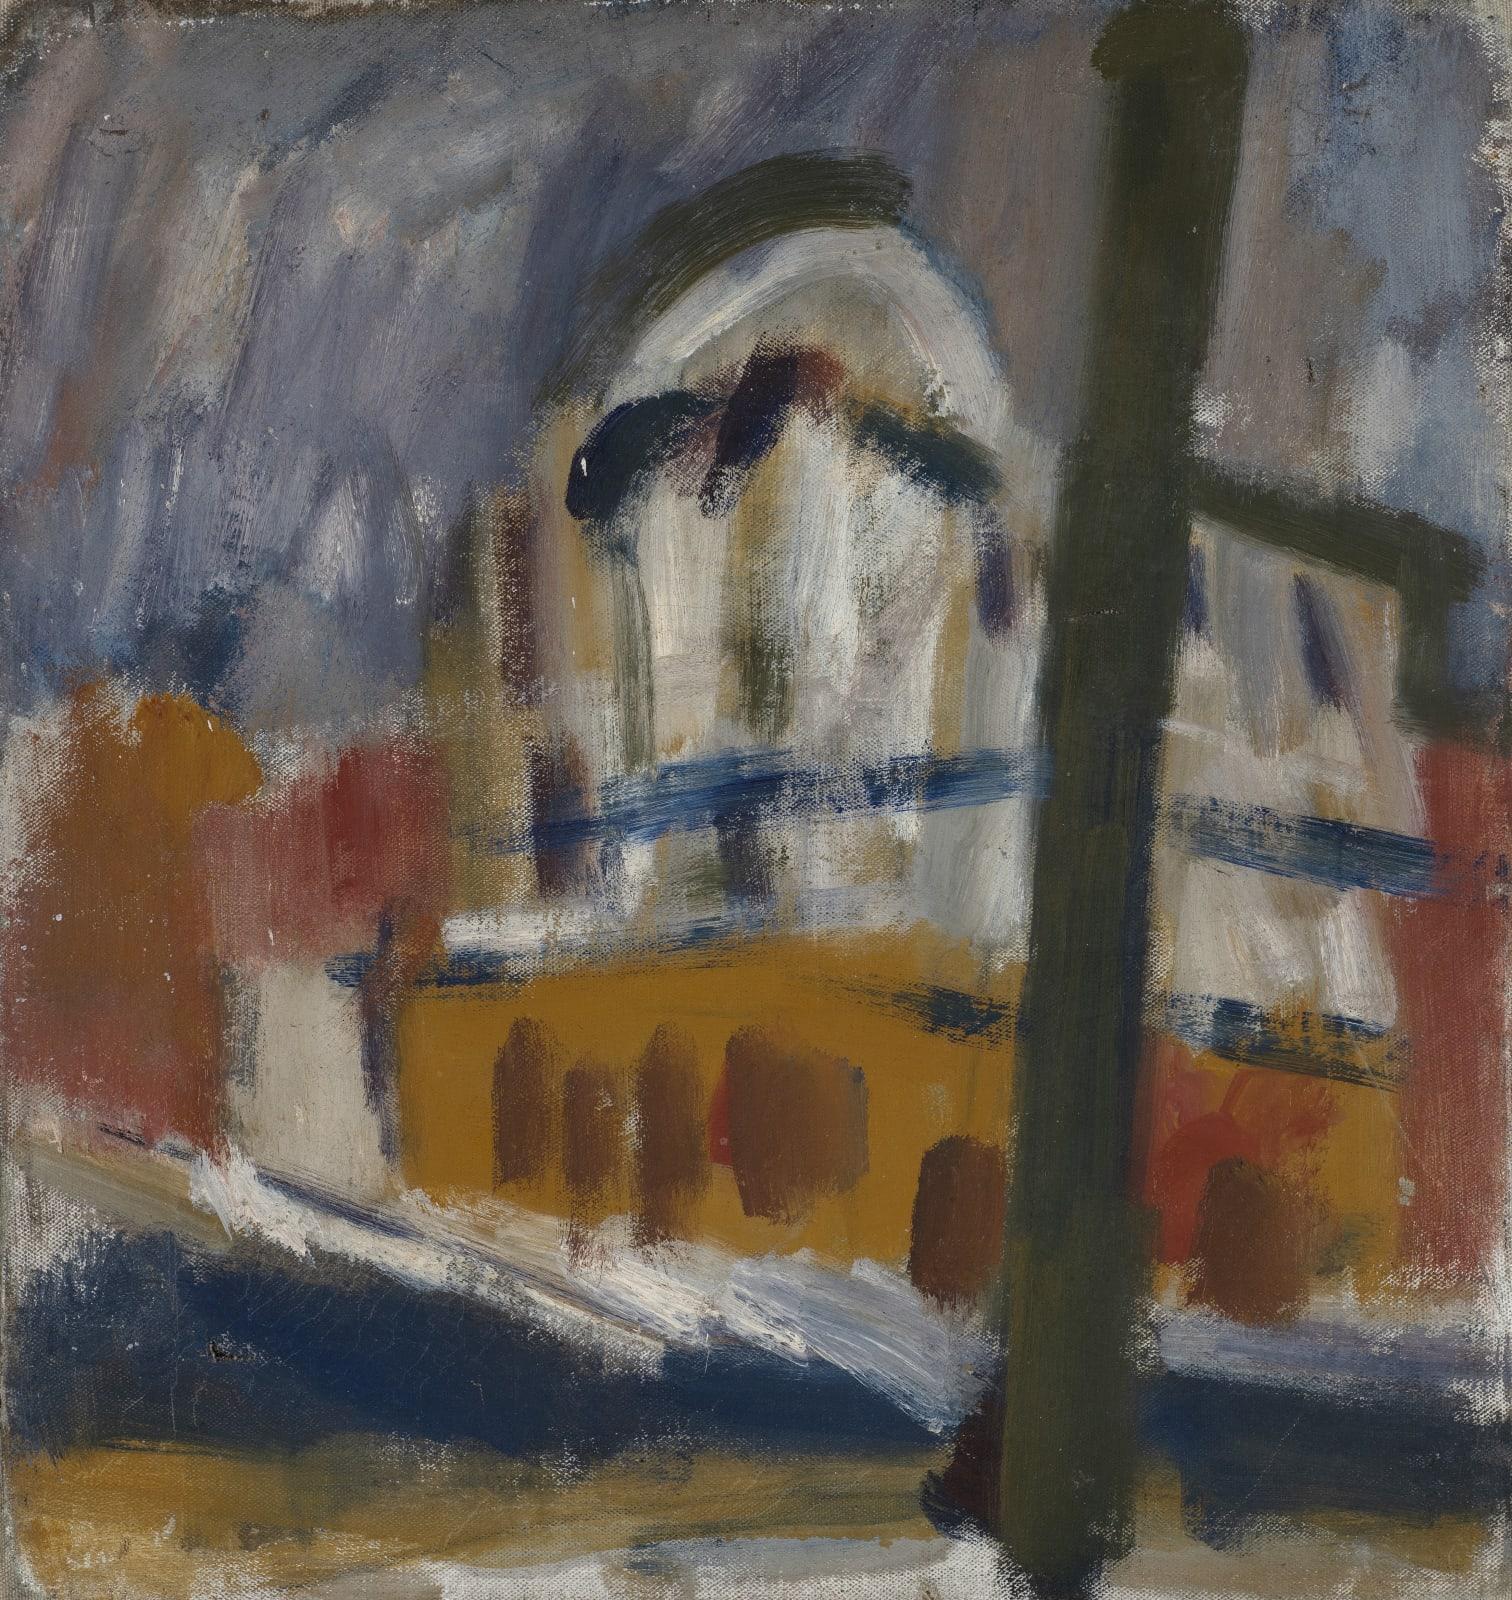 Gustav Metzger Building, c. 1949-53 Oil on canvas 43 x 40cm. The Gustav Metzger Foundation